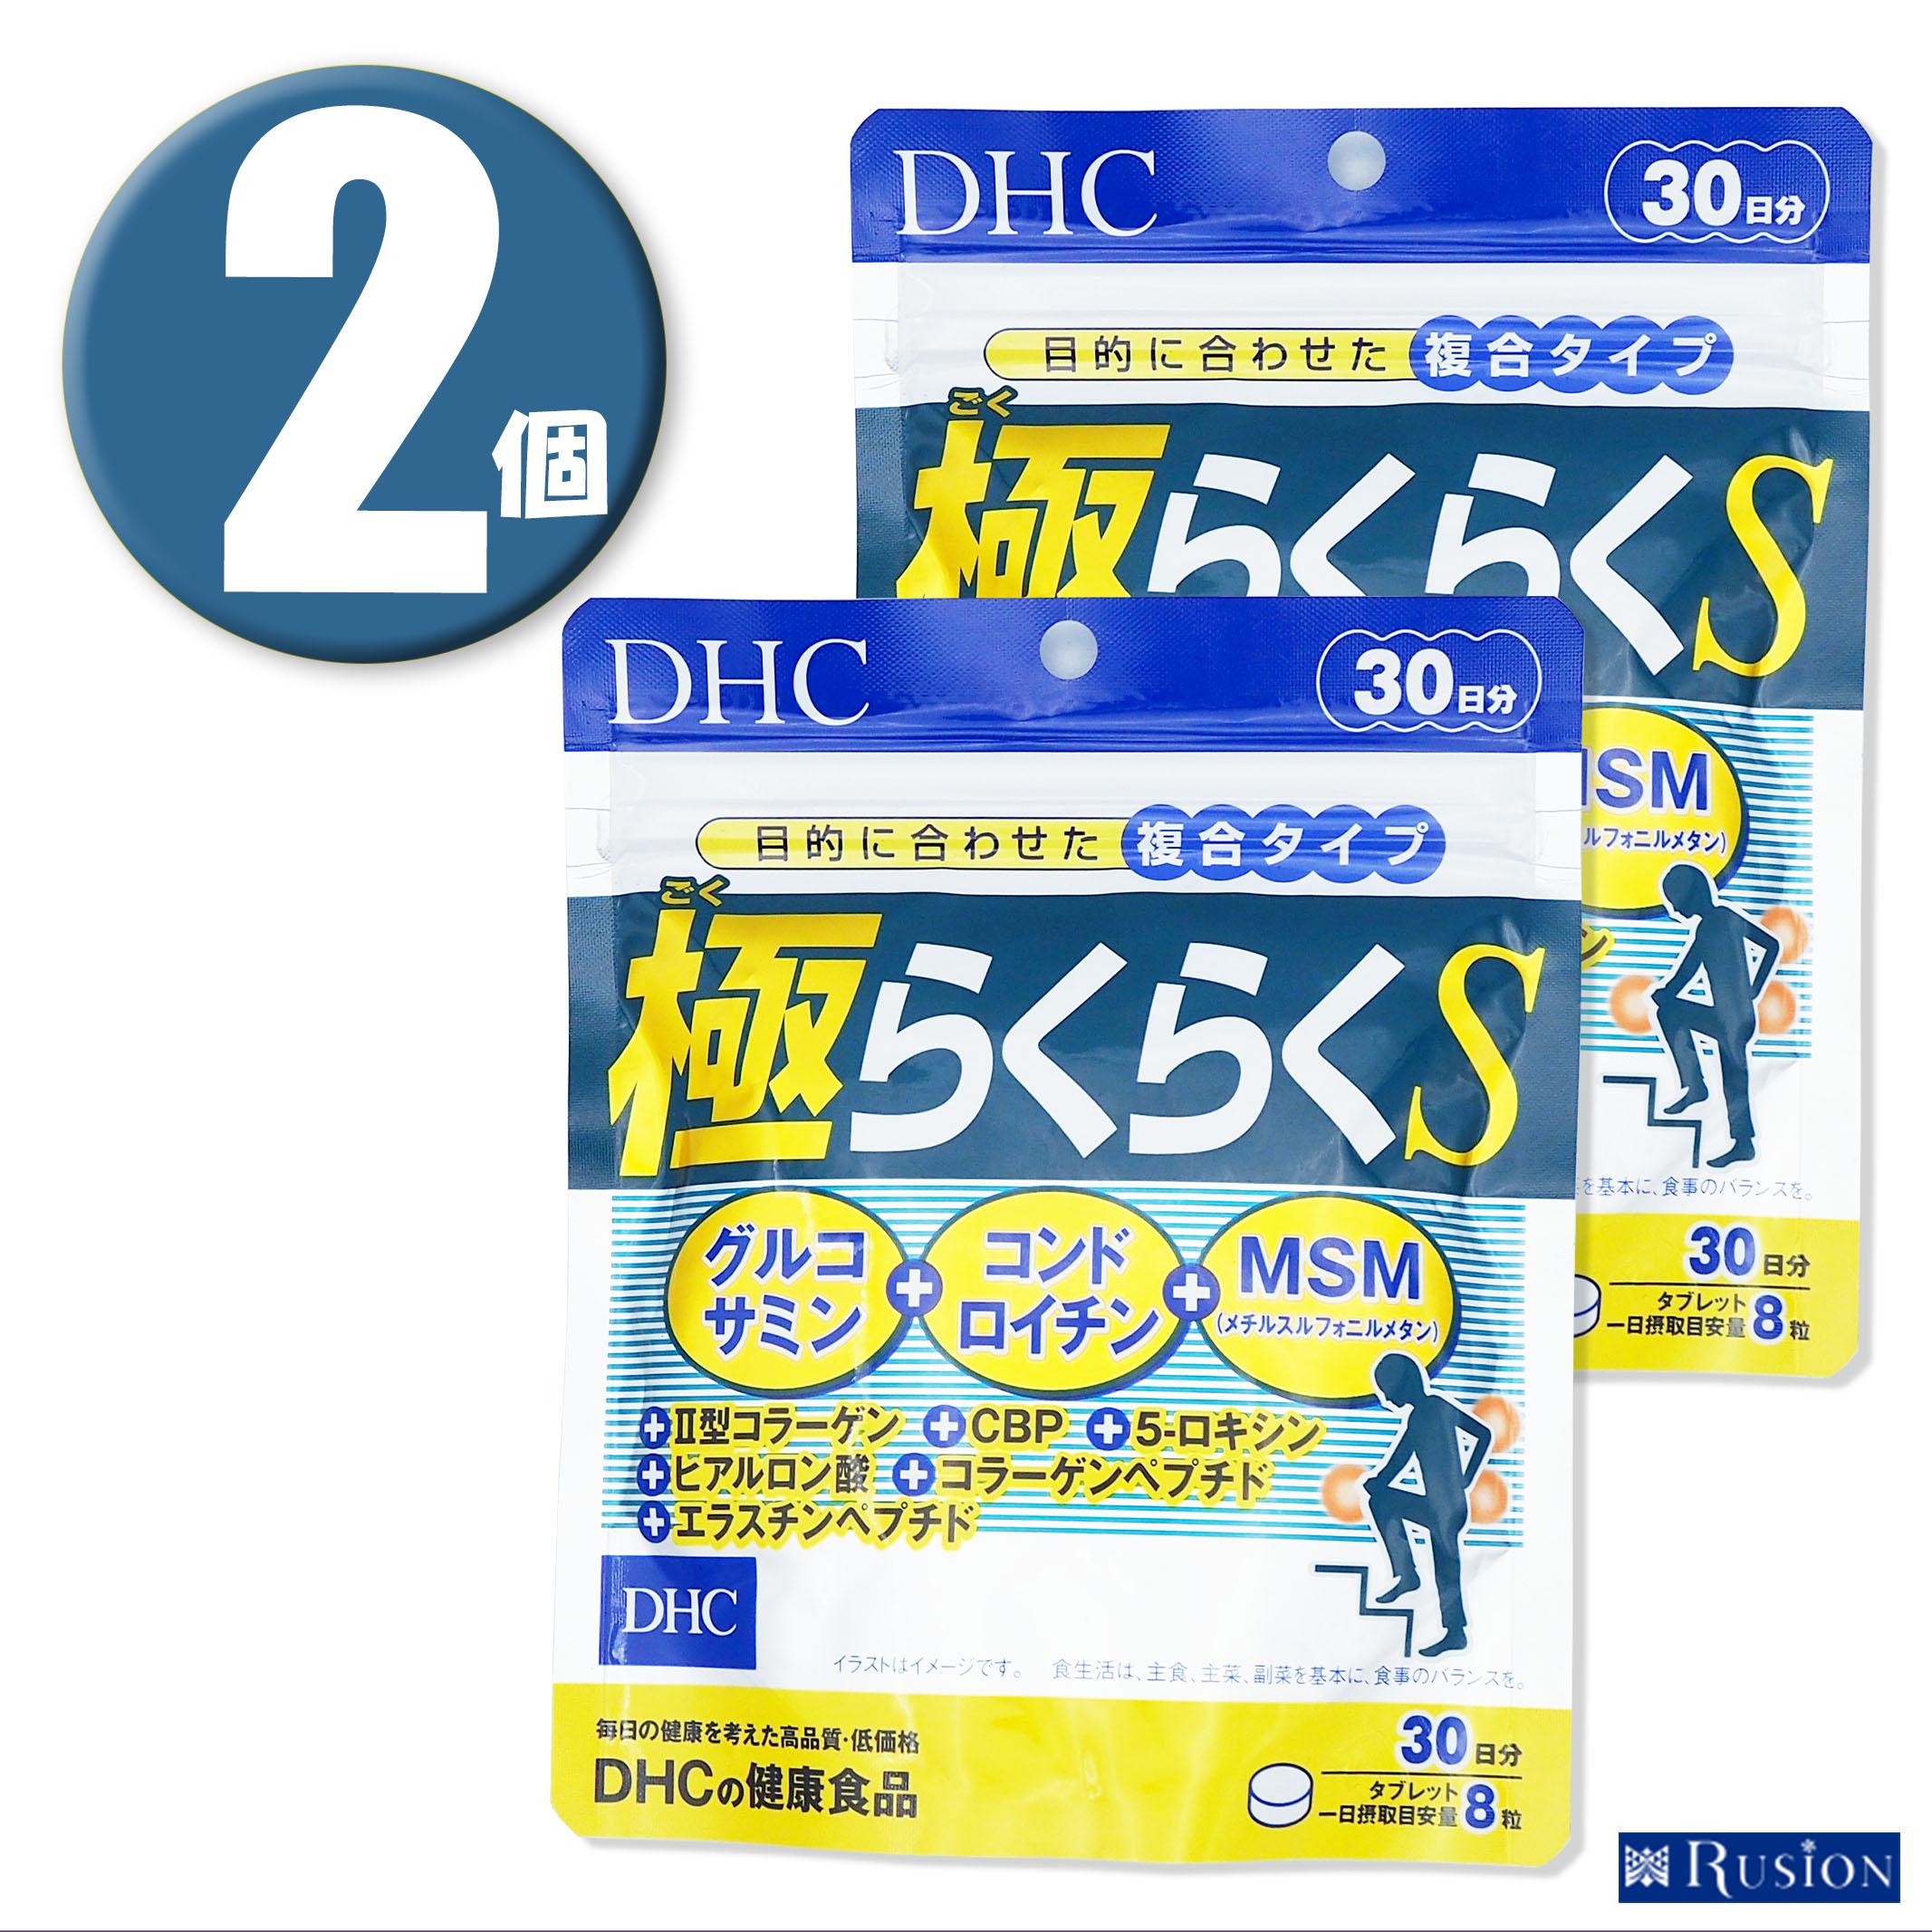 極選9成分がスムーズな動きをパワフルサポート 2個 DHC サプリメント 健康食品 ディーエイチシー 極らくらくS 30日分×2個 日本製 送料無料お手入れ要らず